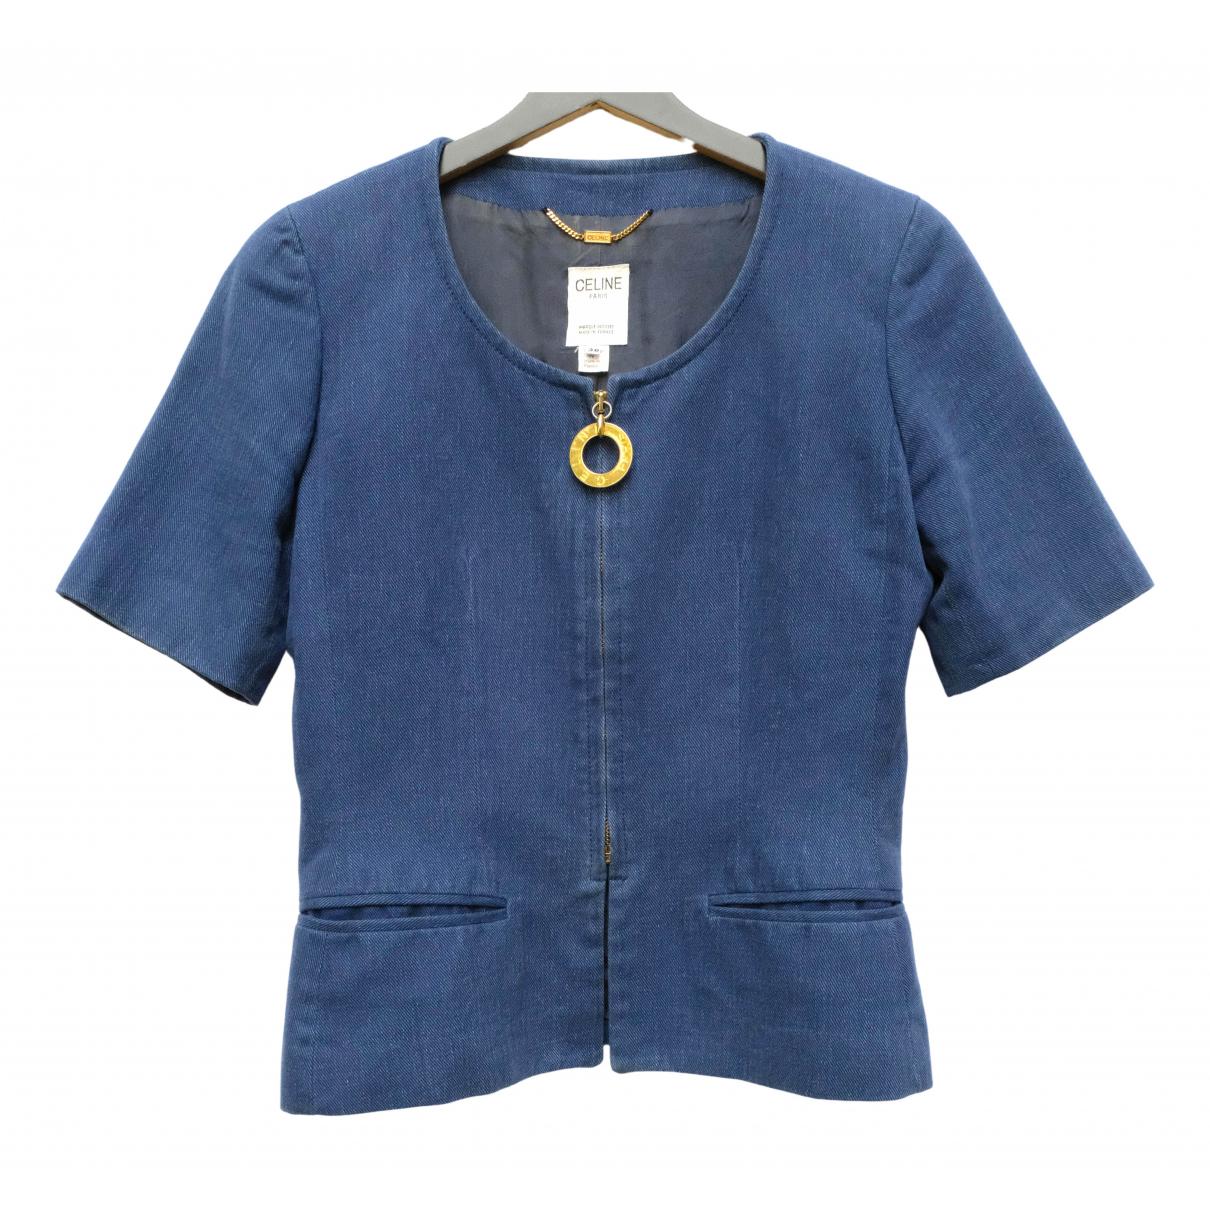 Celine - Veste   pour femme en denim - bleu